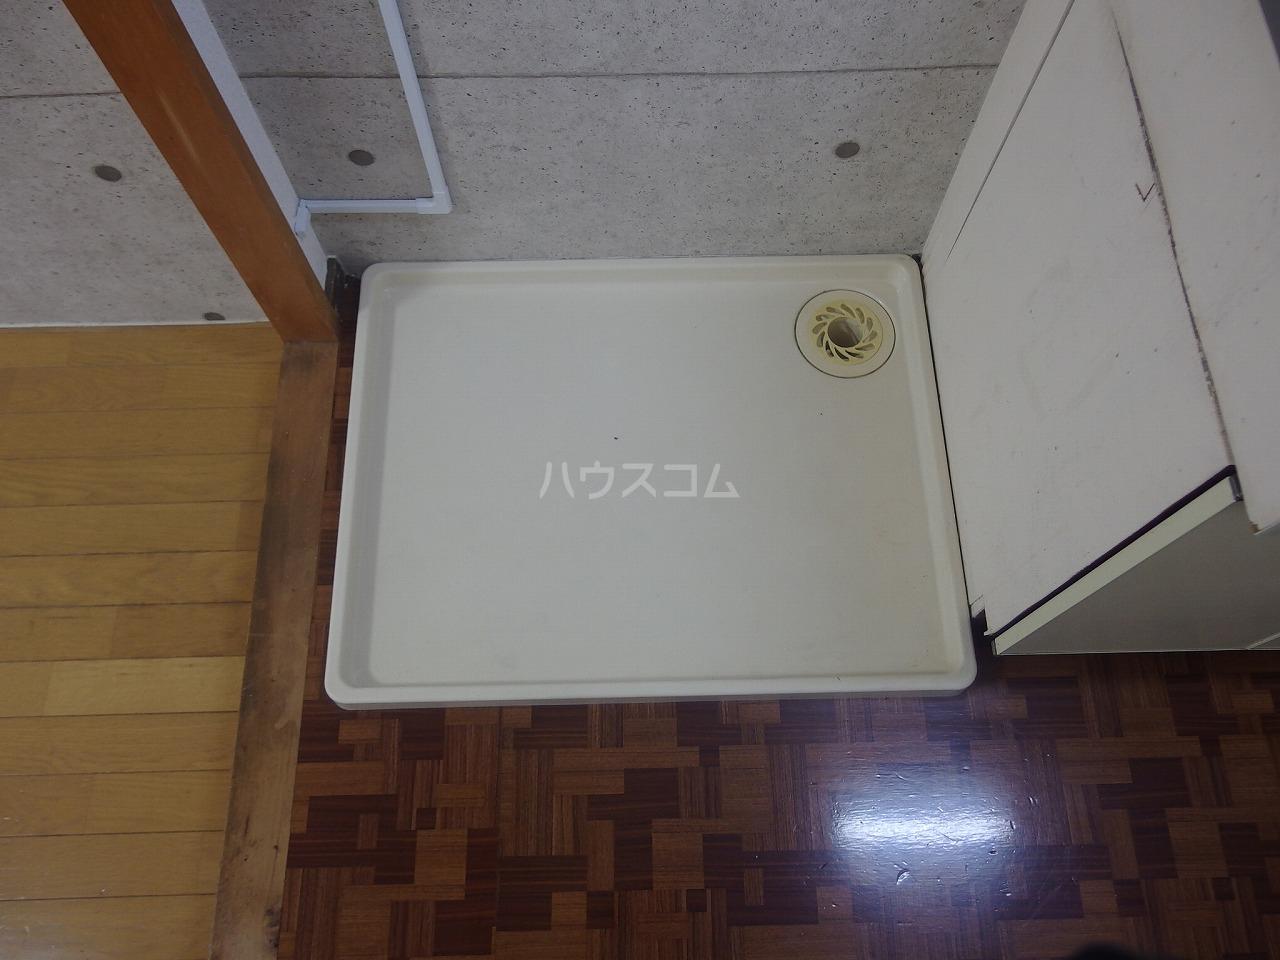 ハイツサンエーム 113号室の設備